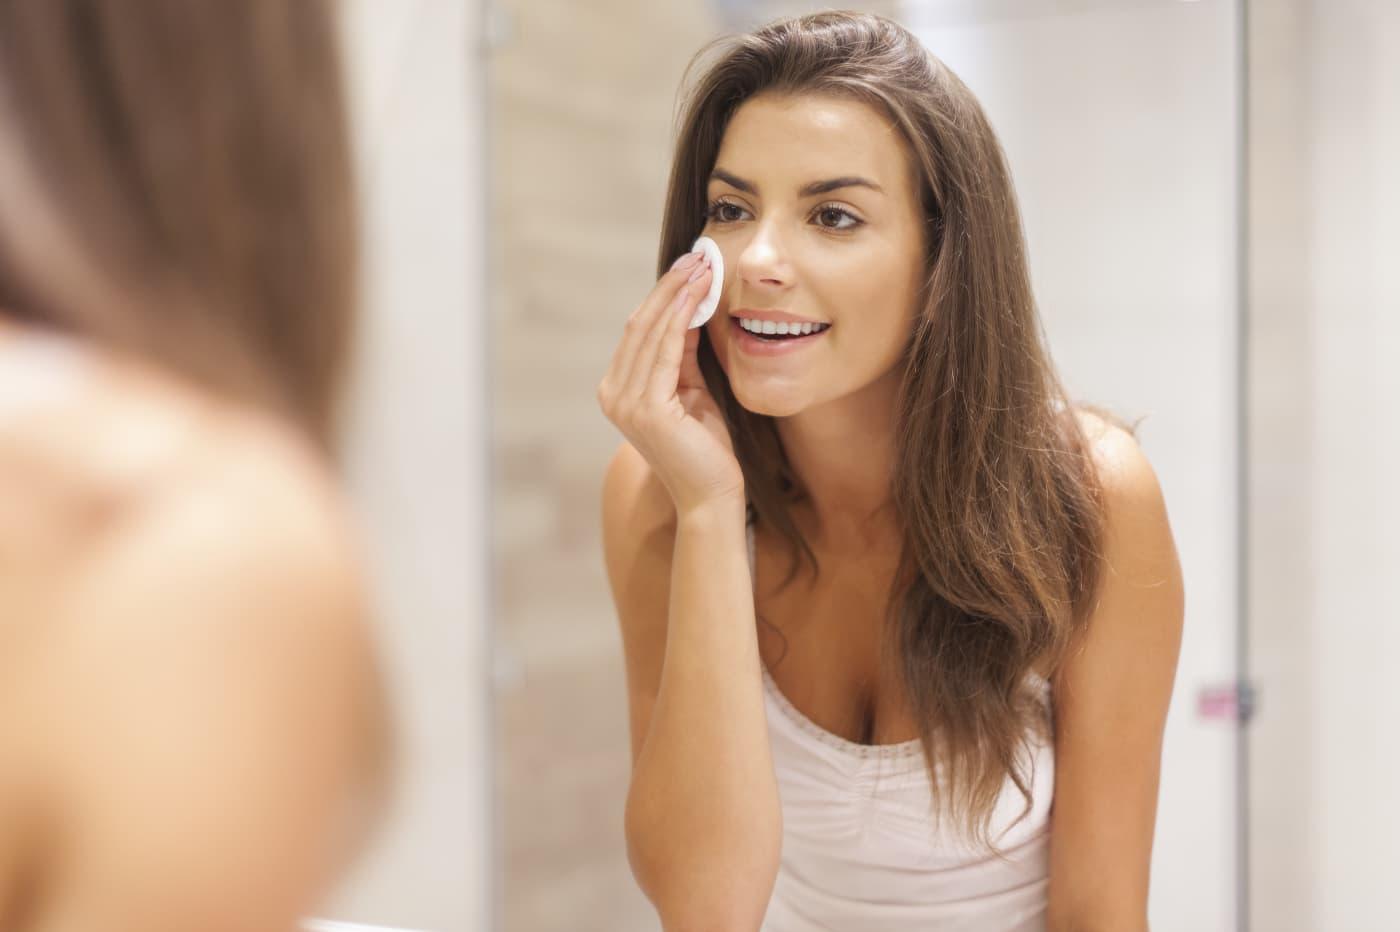 Тоник для кожи лица: очищающий, увлажняющий, для сухой, жирной, кислотный, матирующий, какой хороший, натуральный, домашний